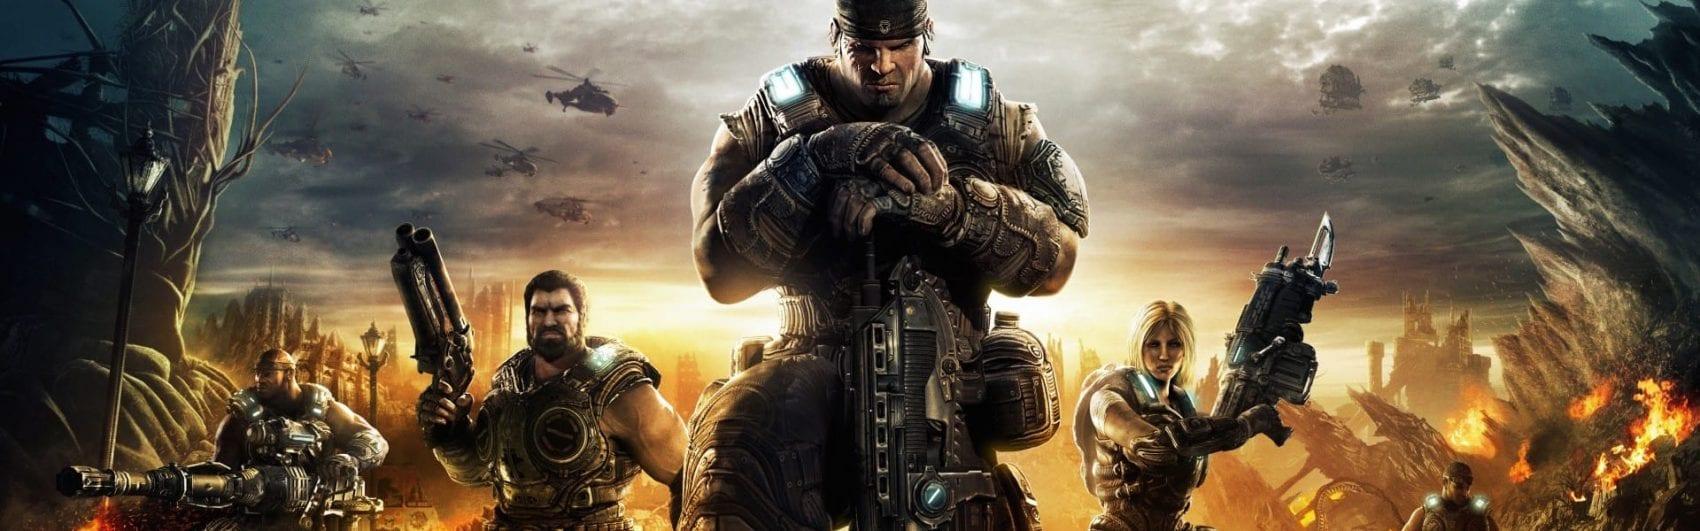 TOP 10 Meilleures musiques de jeux vidéo Gears of War